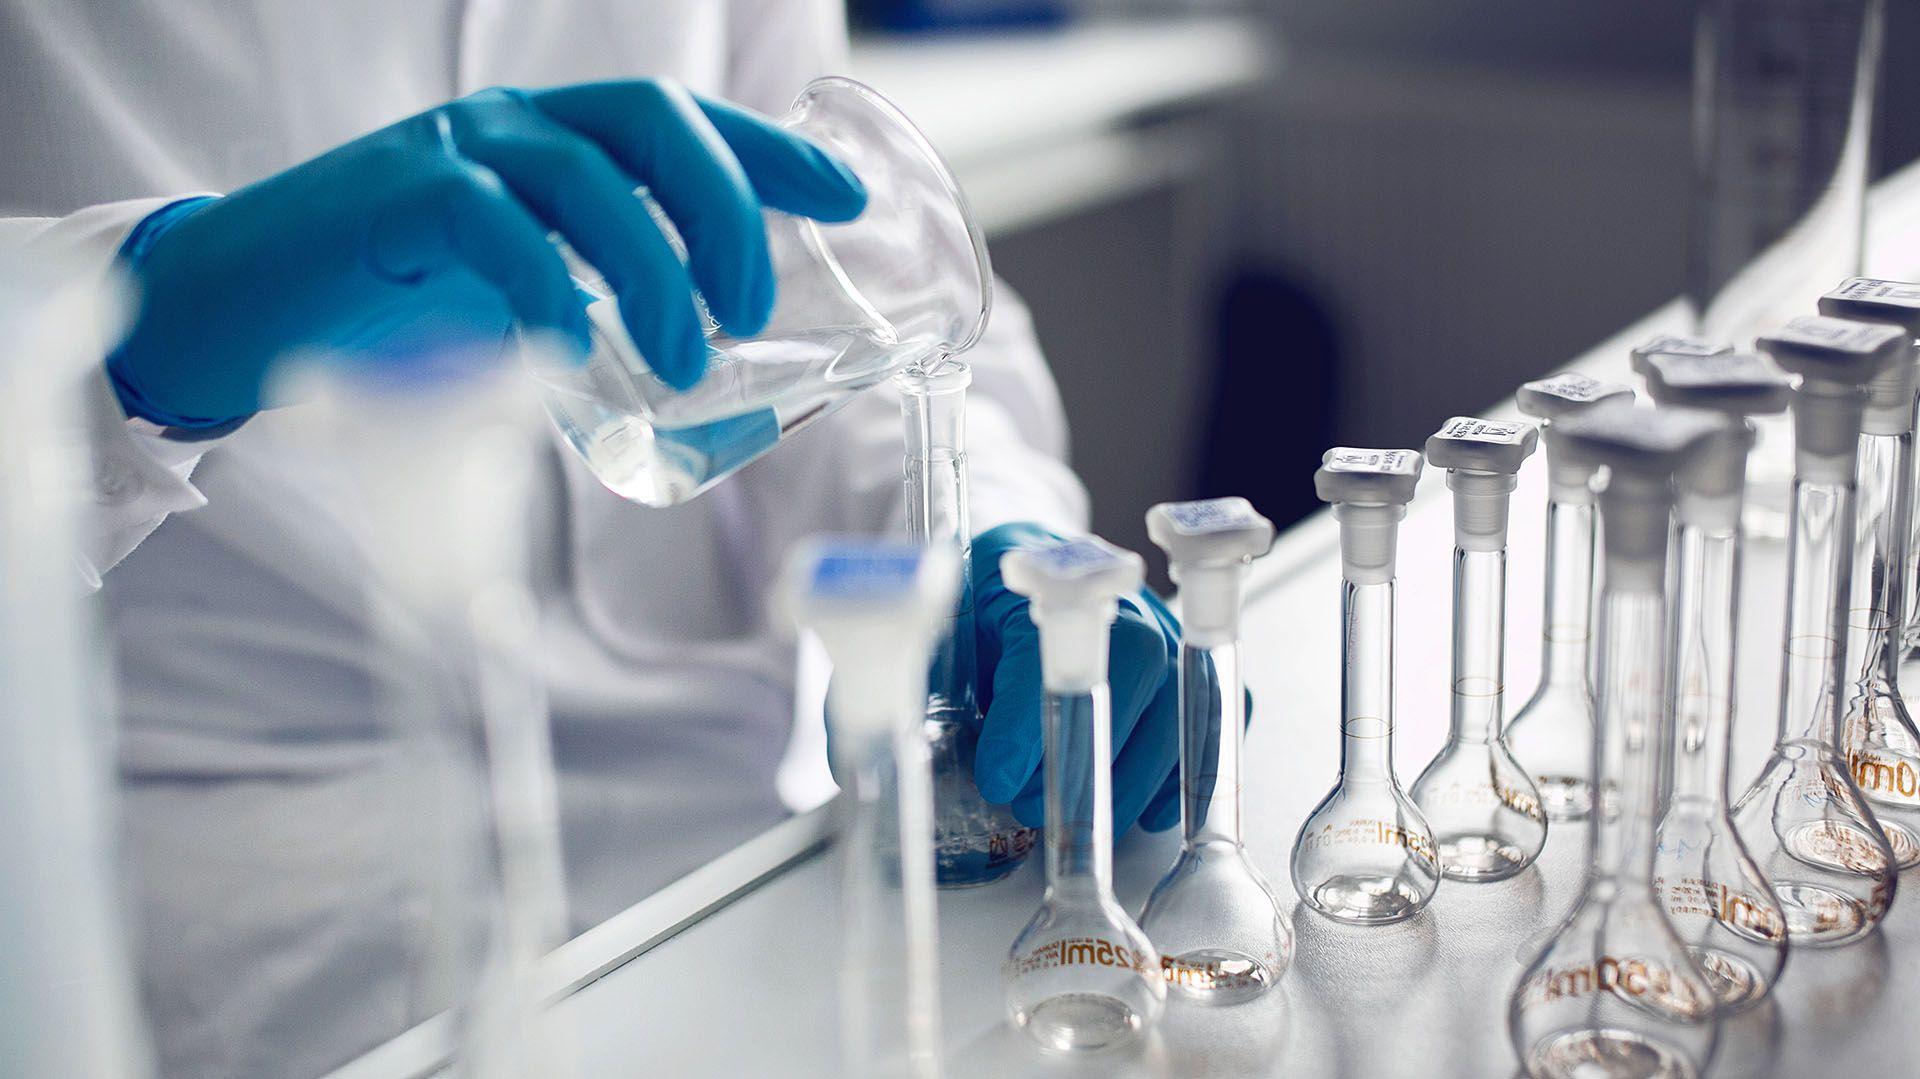 El primer ensayo no estaba diseñado para evaluar la eficacia del fármaco, sino únicamente su seguridad (Shutterstock)